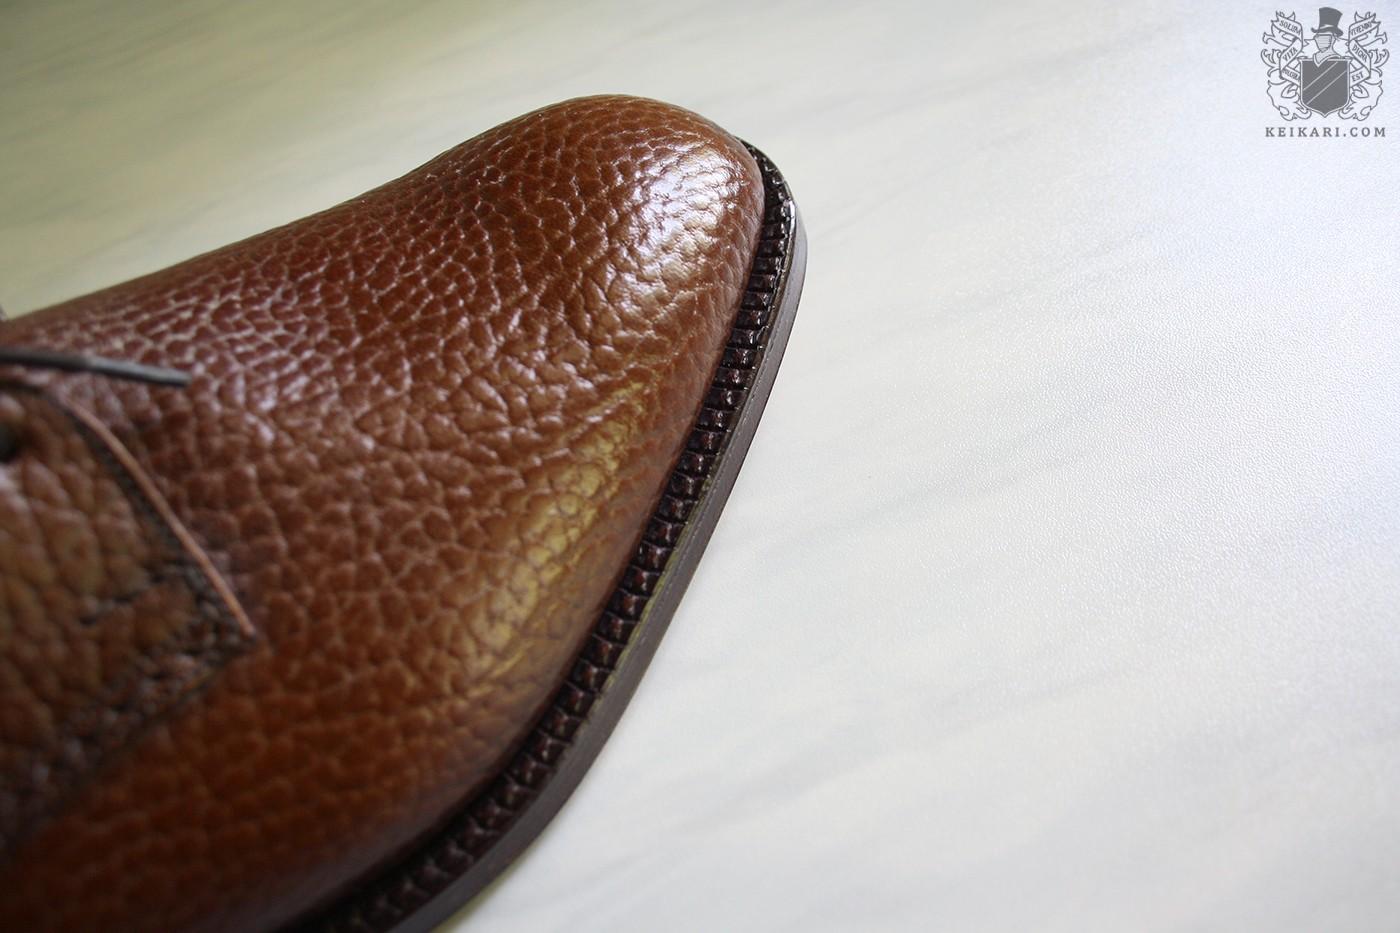 Vintage_Saxone_camel_skin_shoes_at_Keikari_dot_com09.jpg